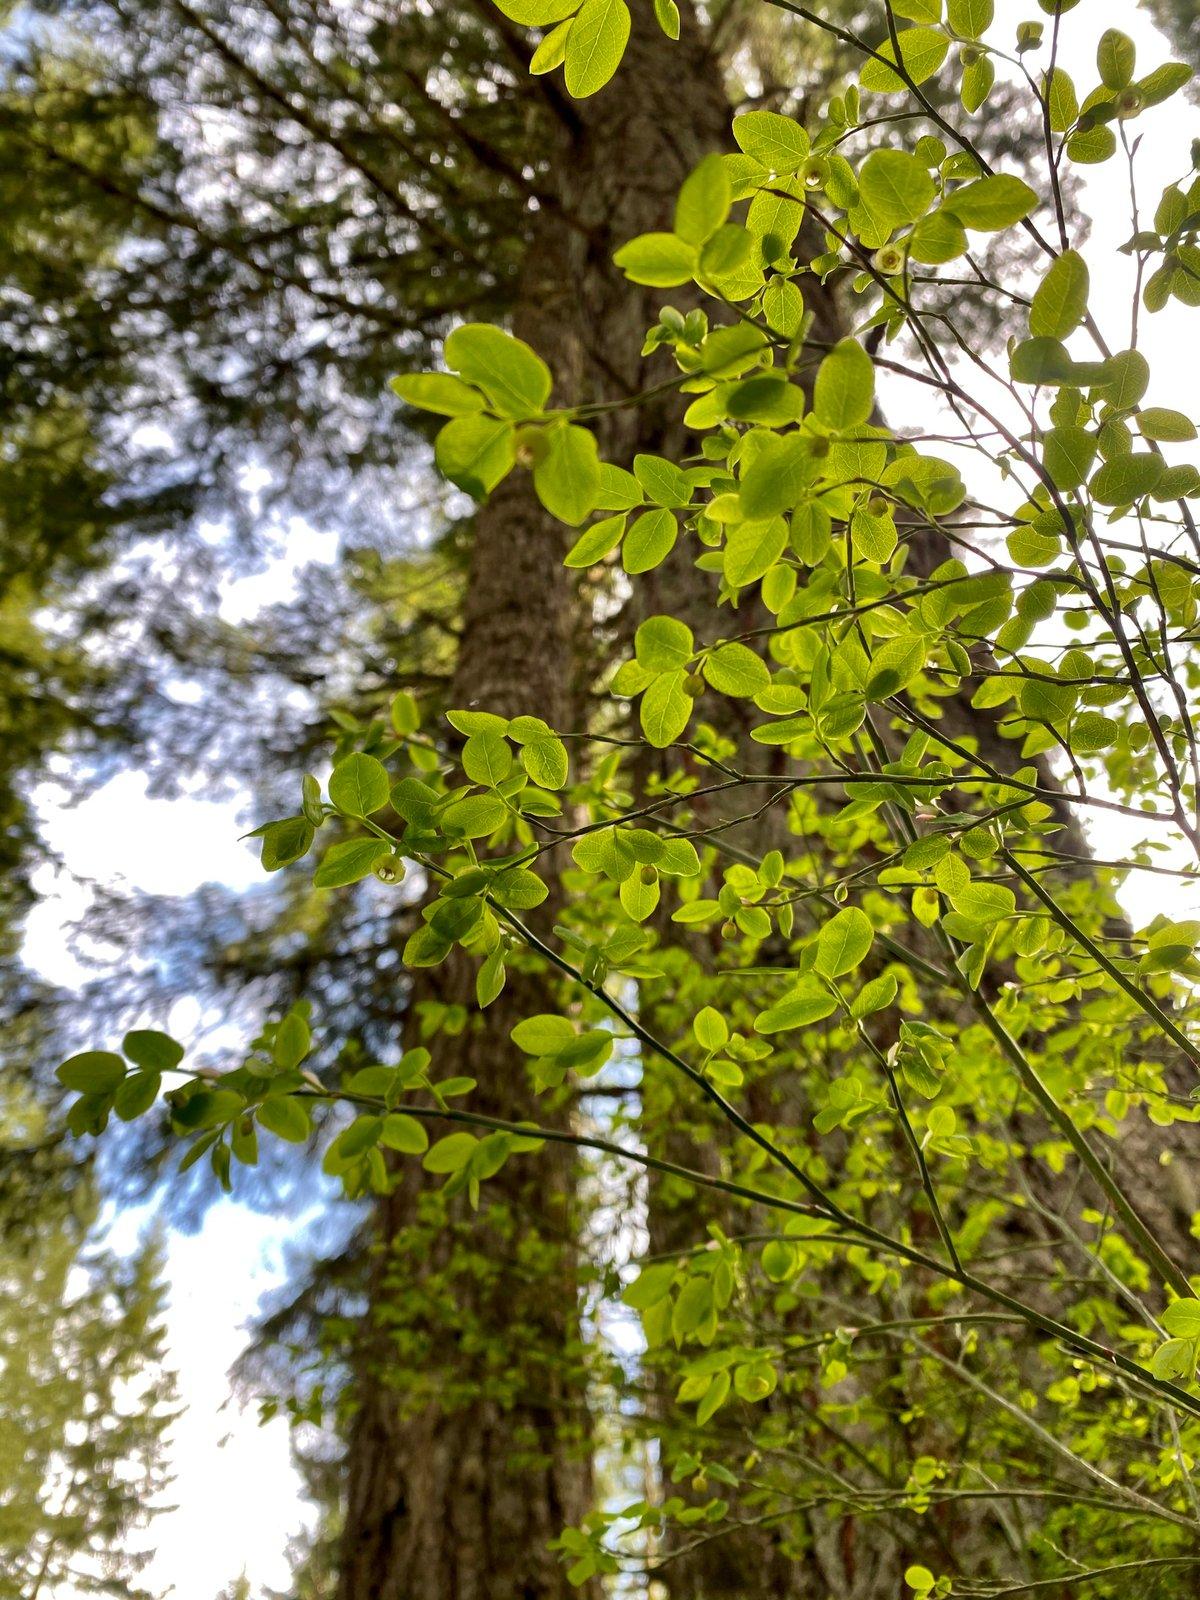 Red Huckleberry : Vaccinium parvifolium